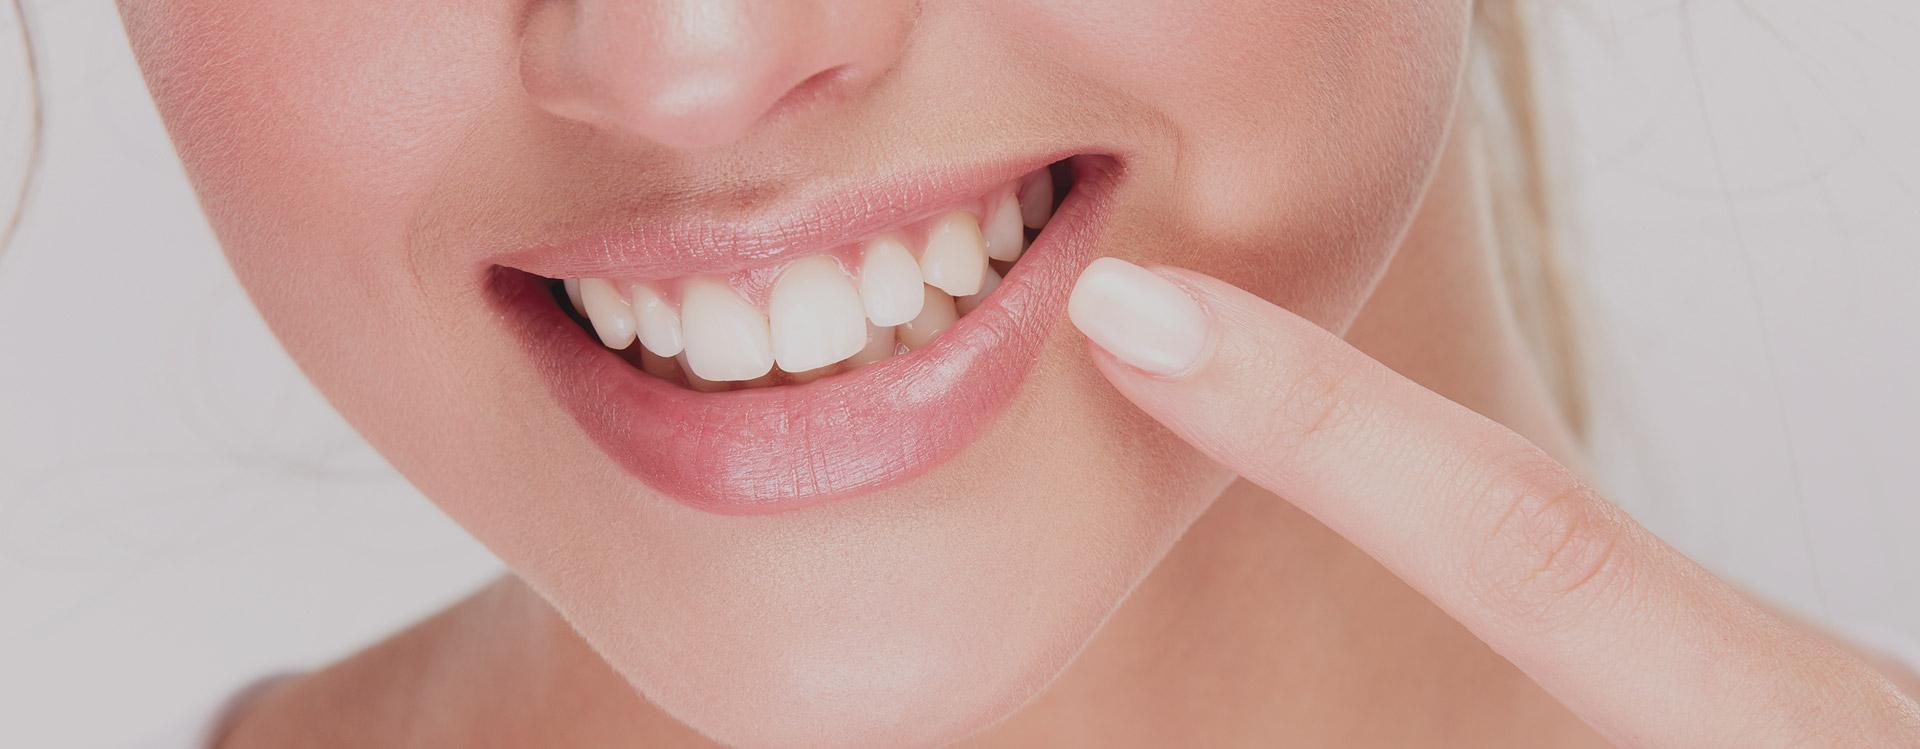 chirurgie maxillo faciale prix